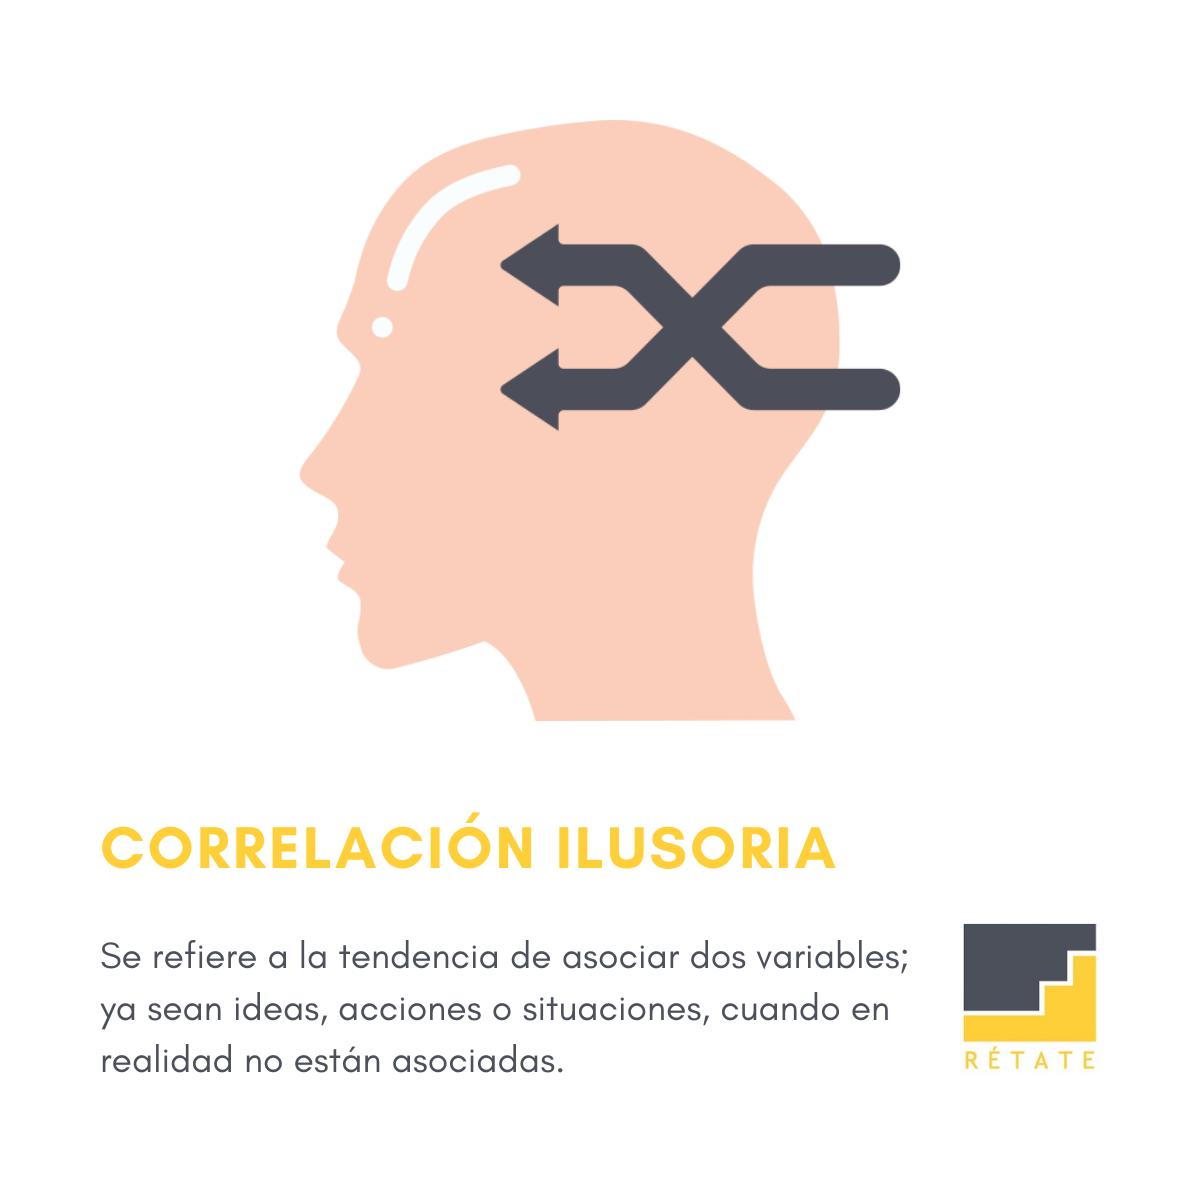 Correlación ilusoria